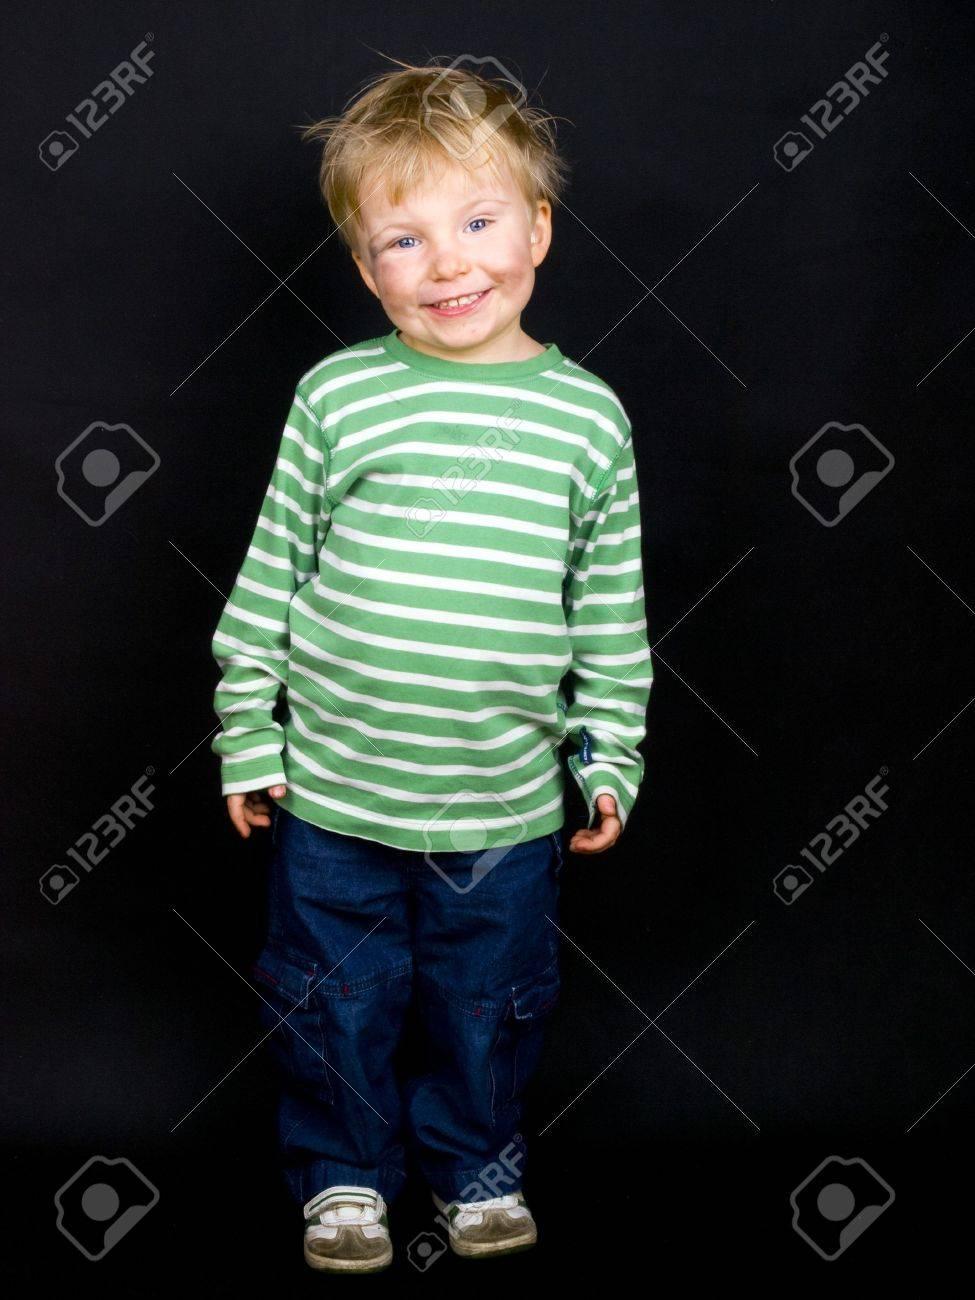 Smiling Little Boy On Black Background Boy Have Blue Eyes Blond